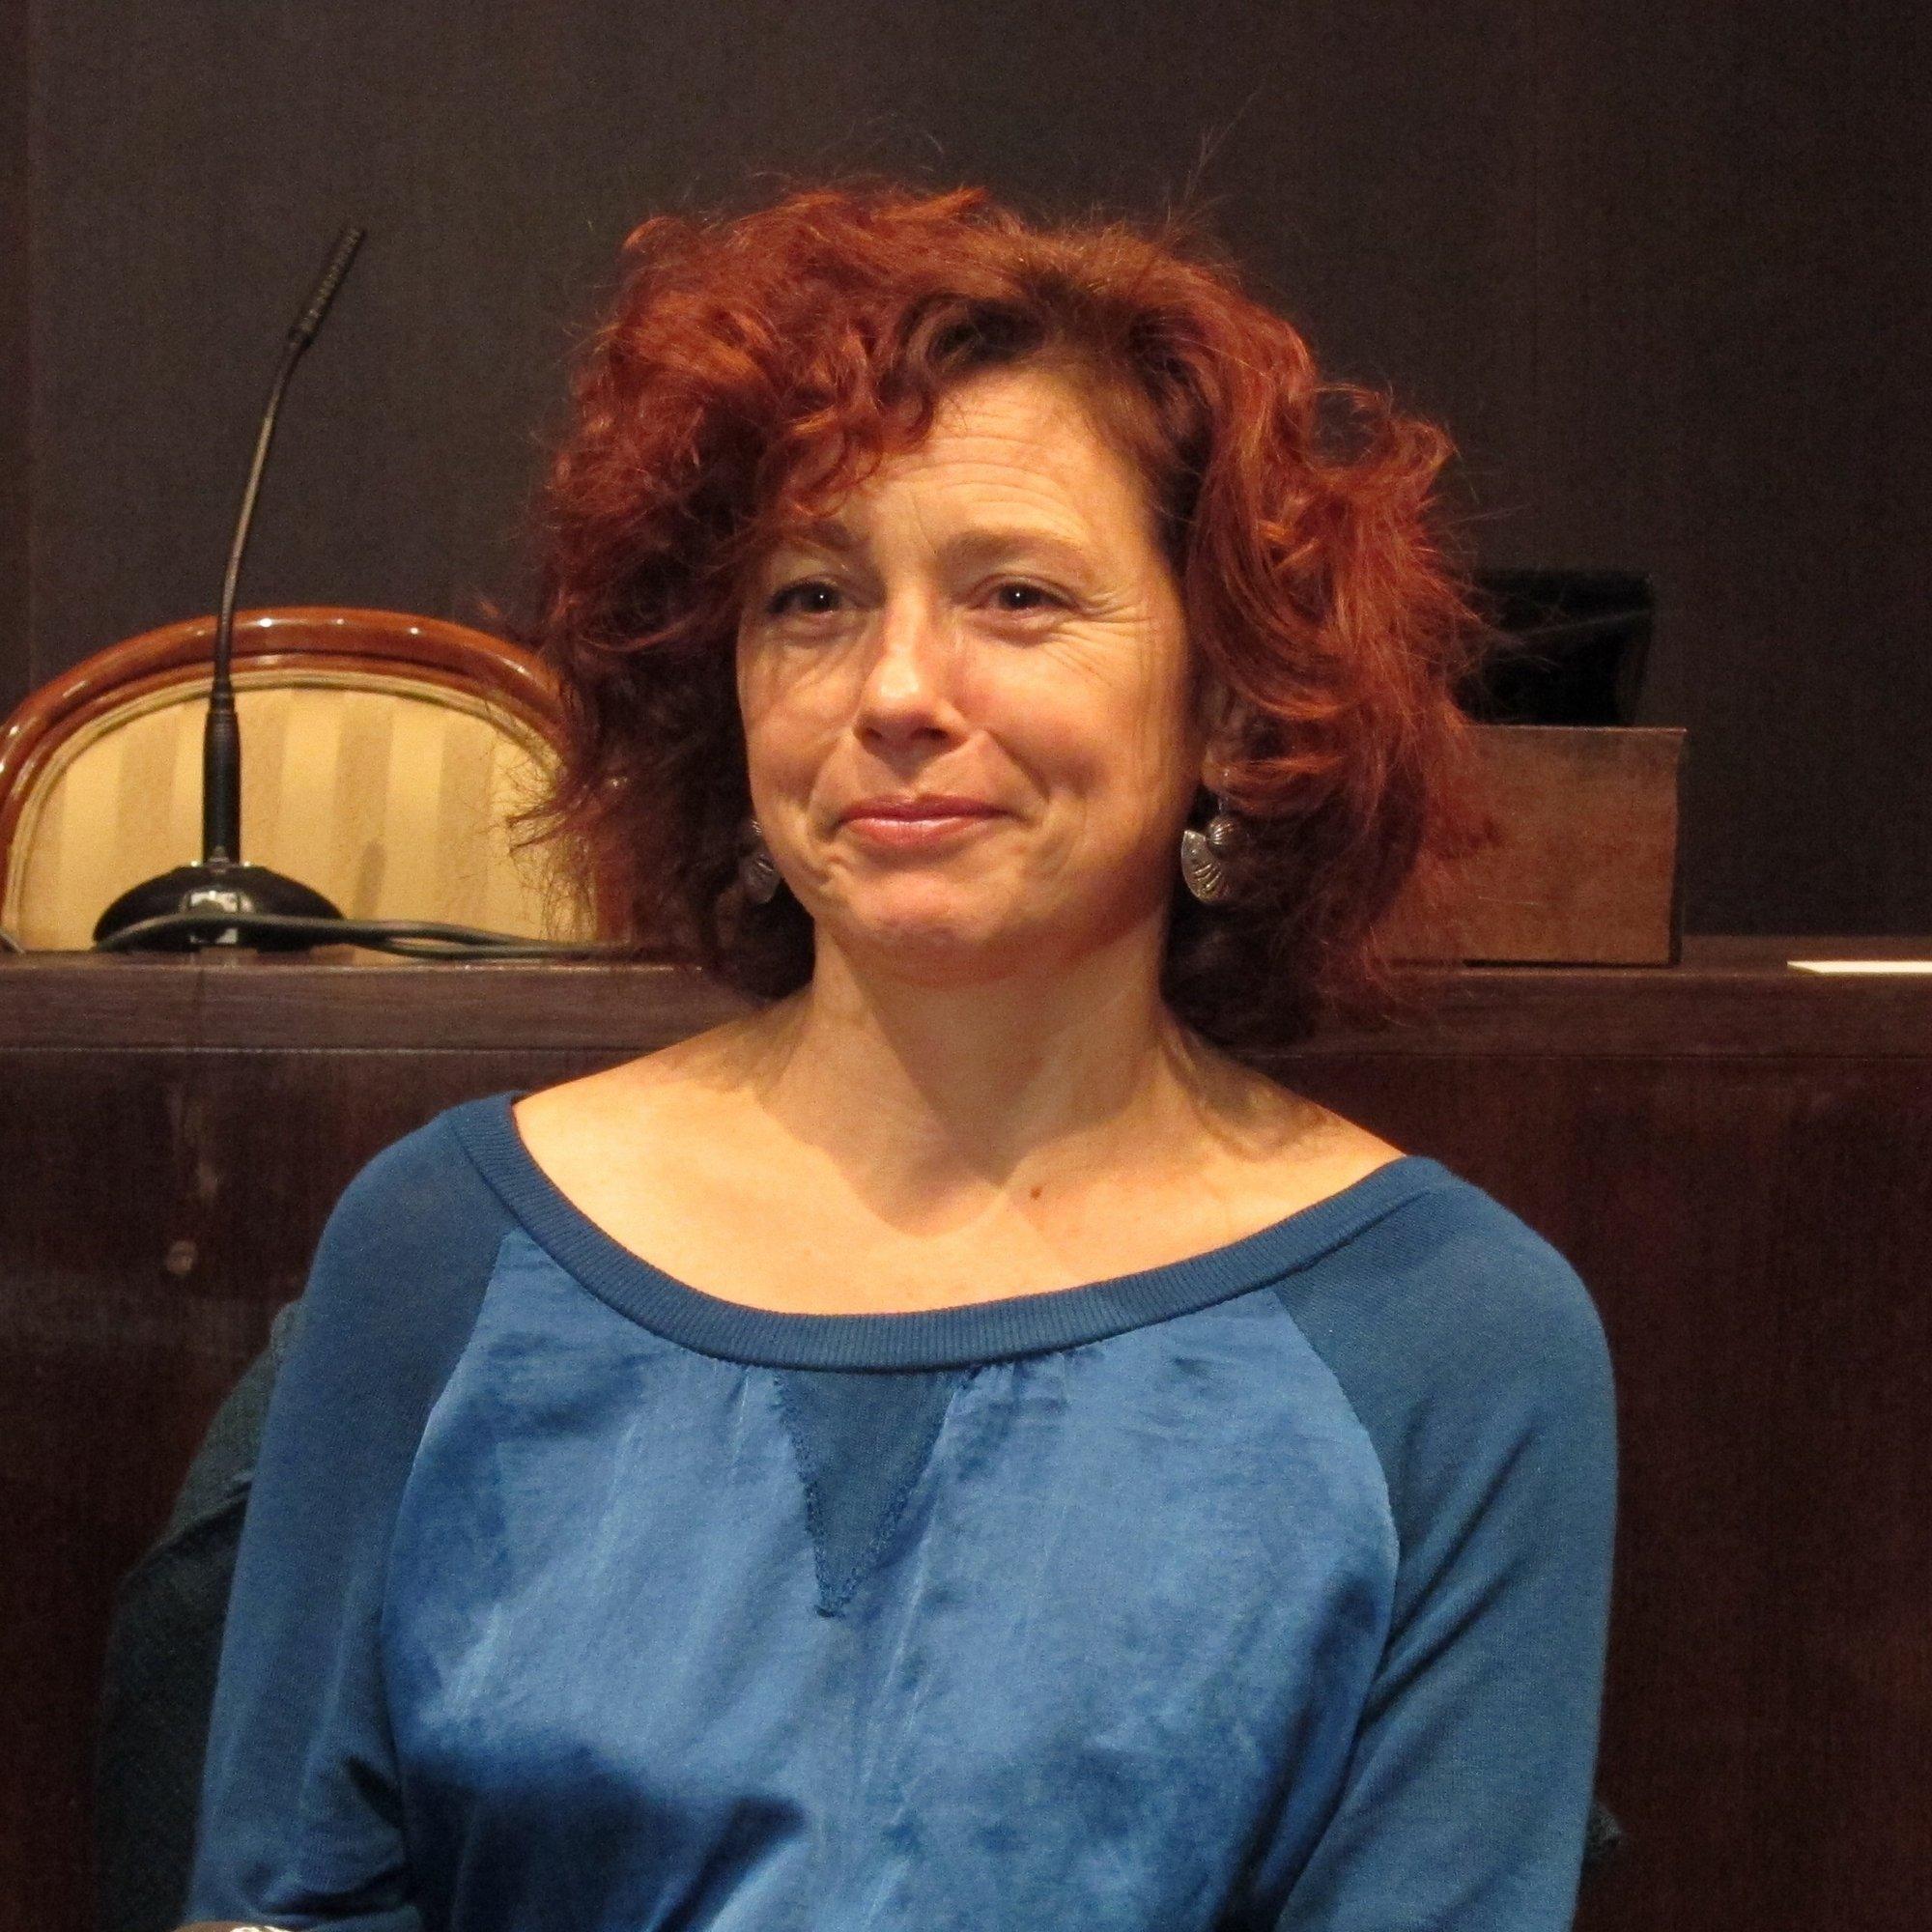 La directora Icíar Bollaín es distinguida con el Premio Ciudad de Huesca 2012 del Festival Internacional de Cine